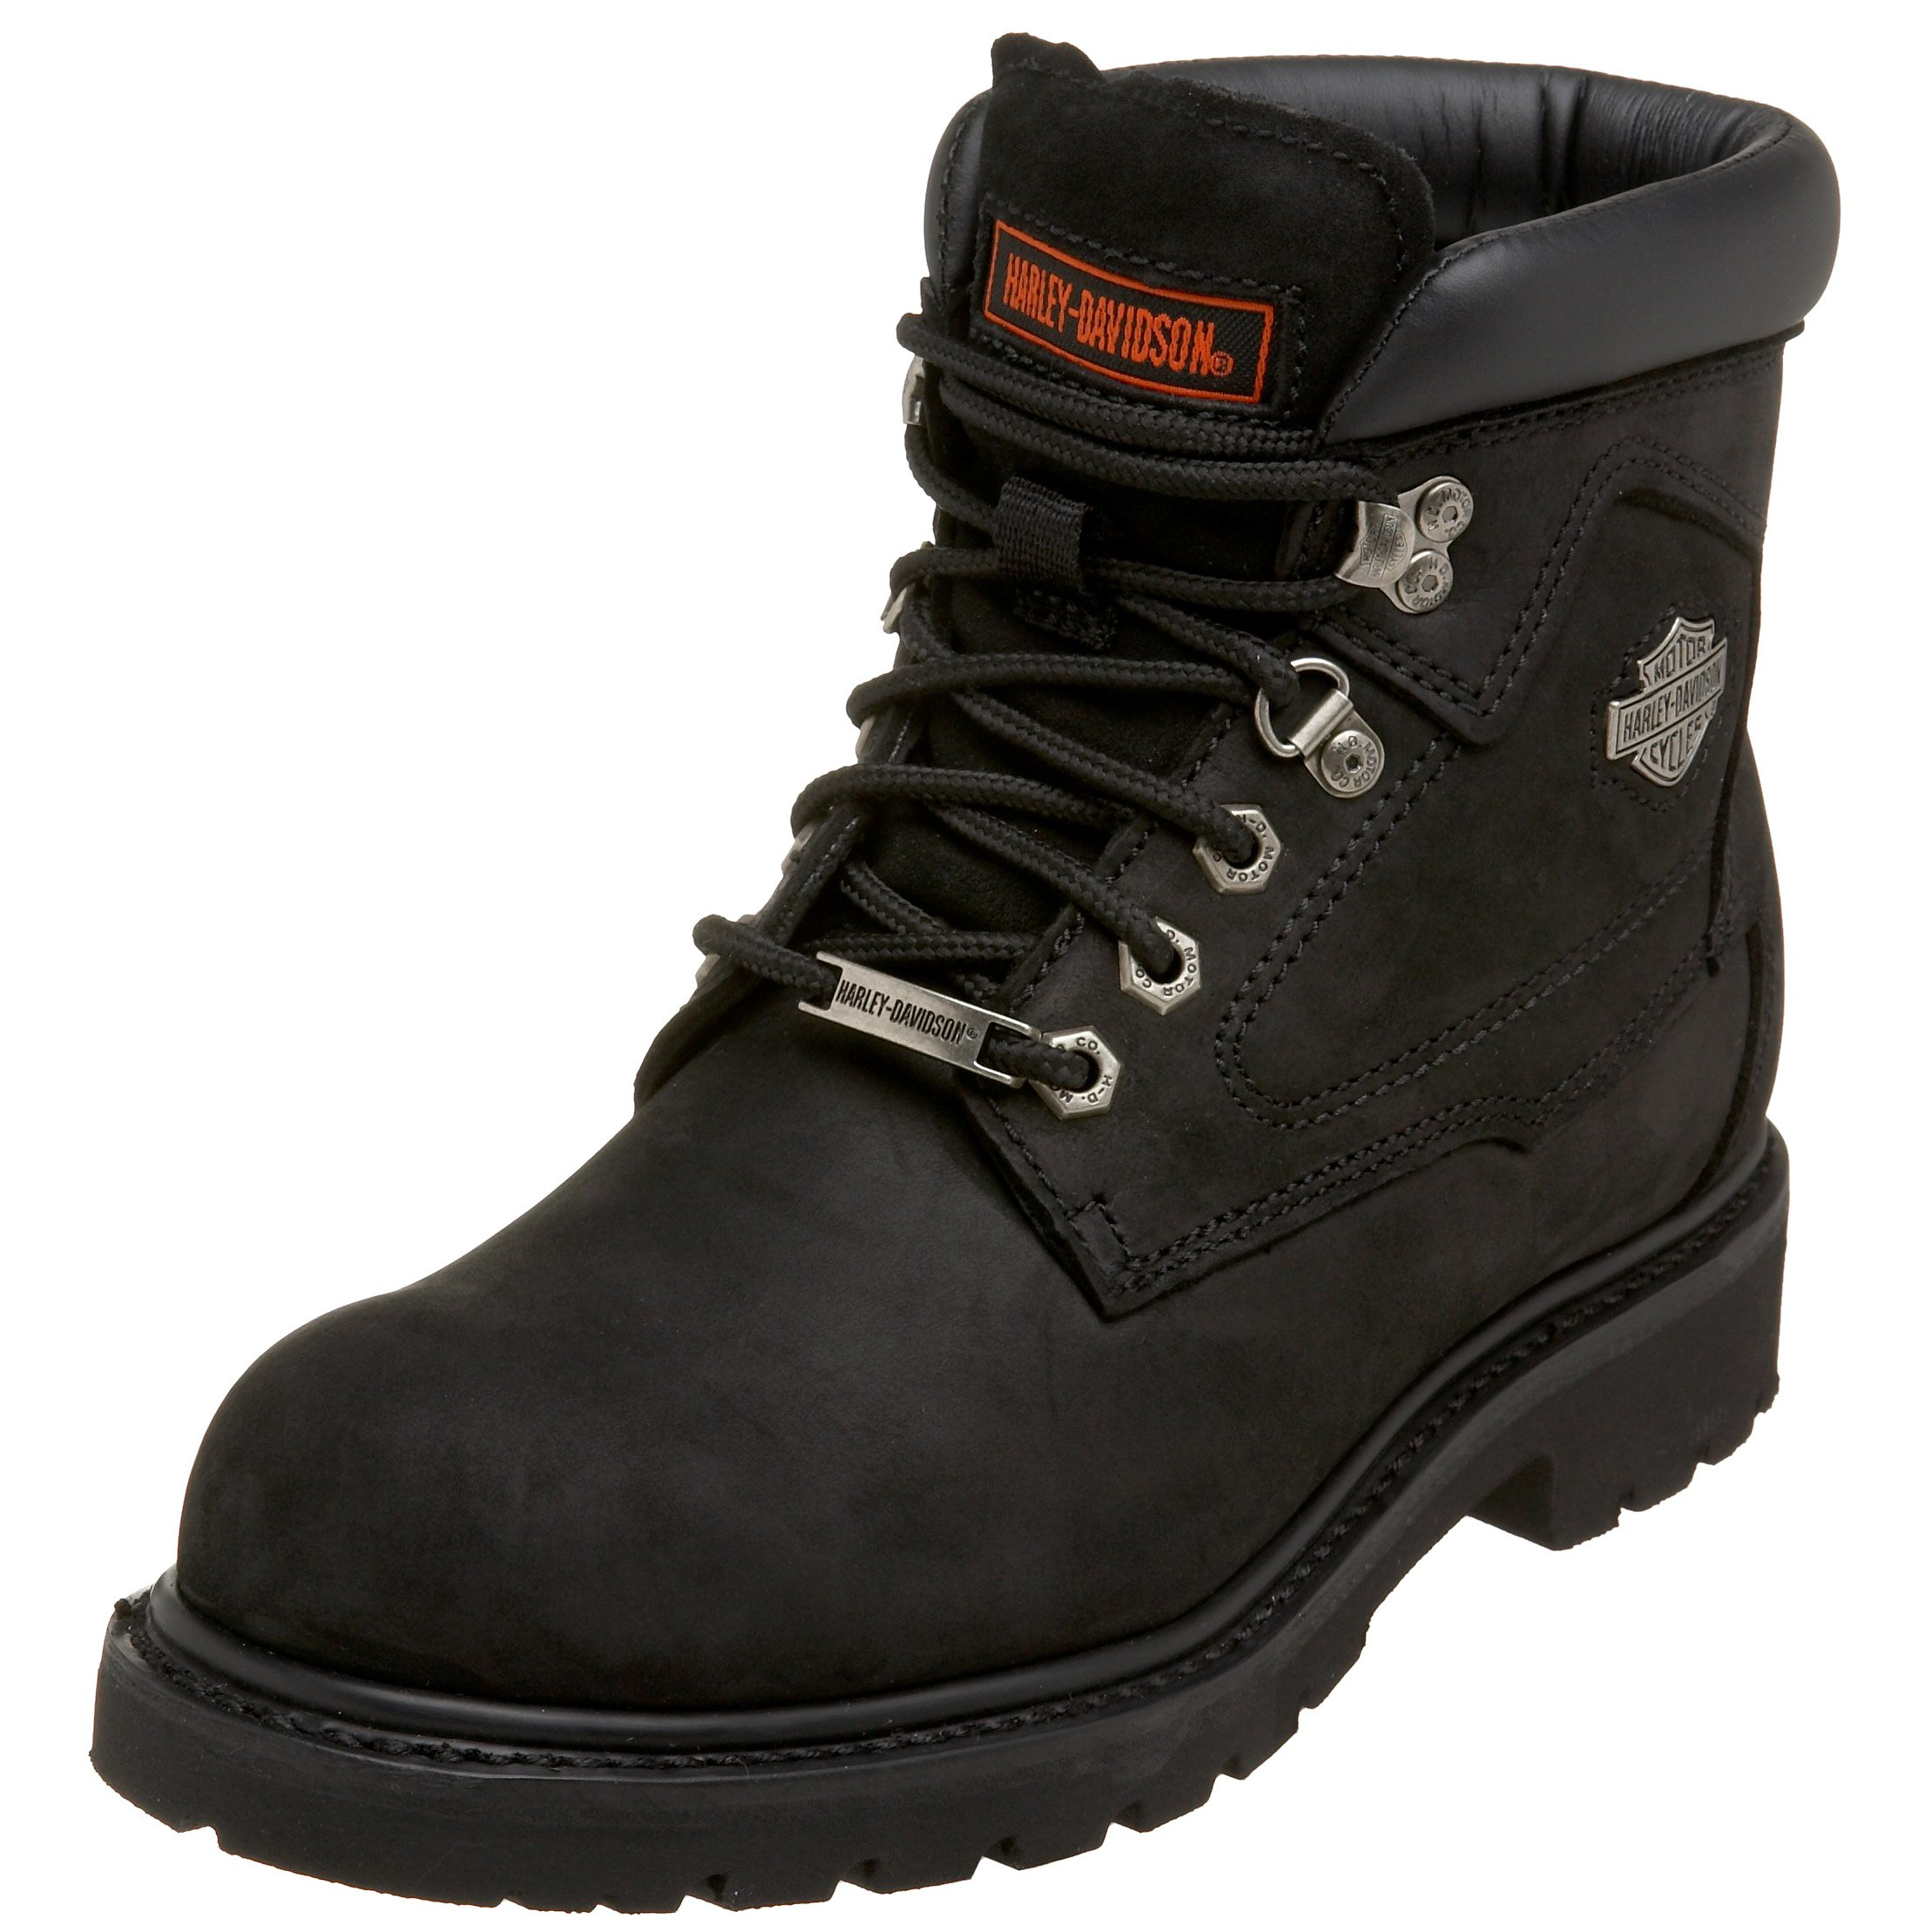 Harley-Davidson Men's Badlands Boot,Black,11 M